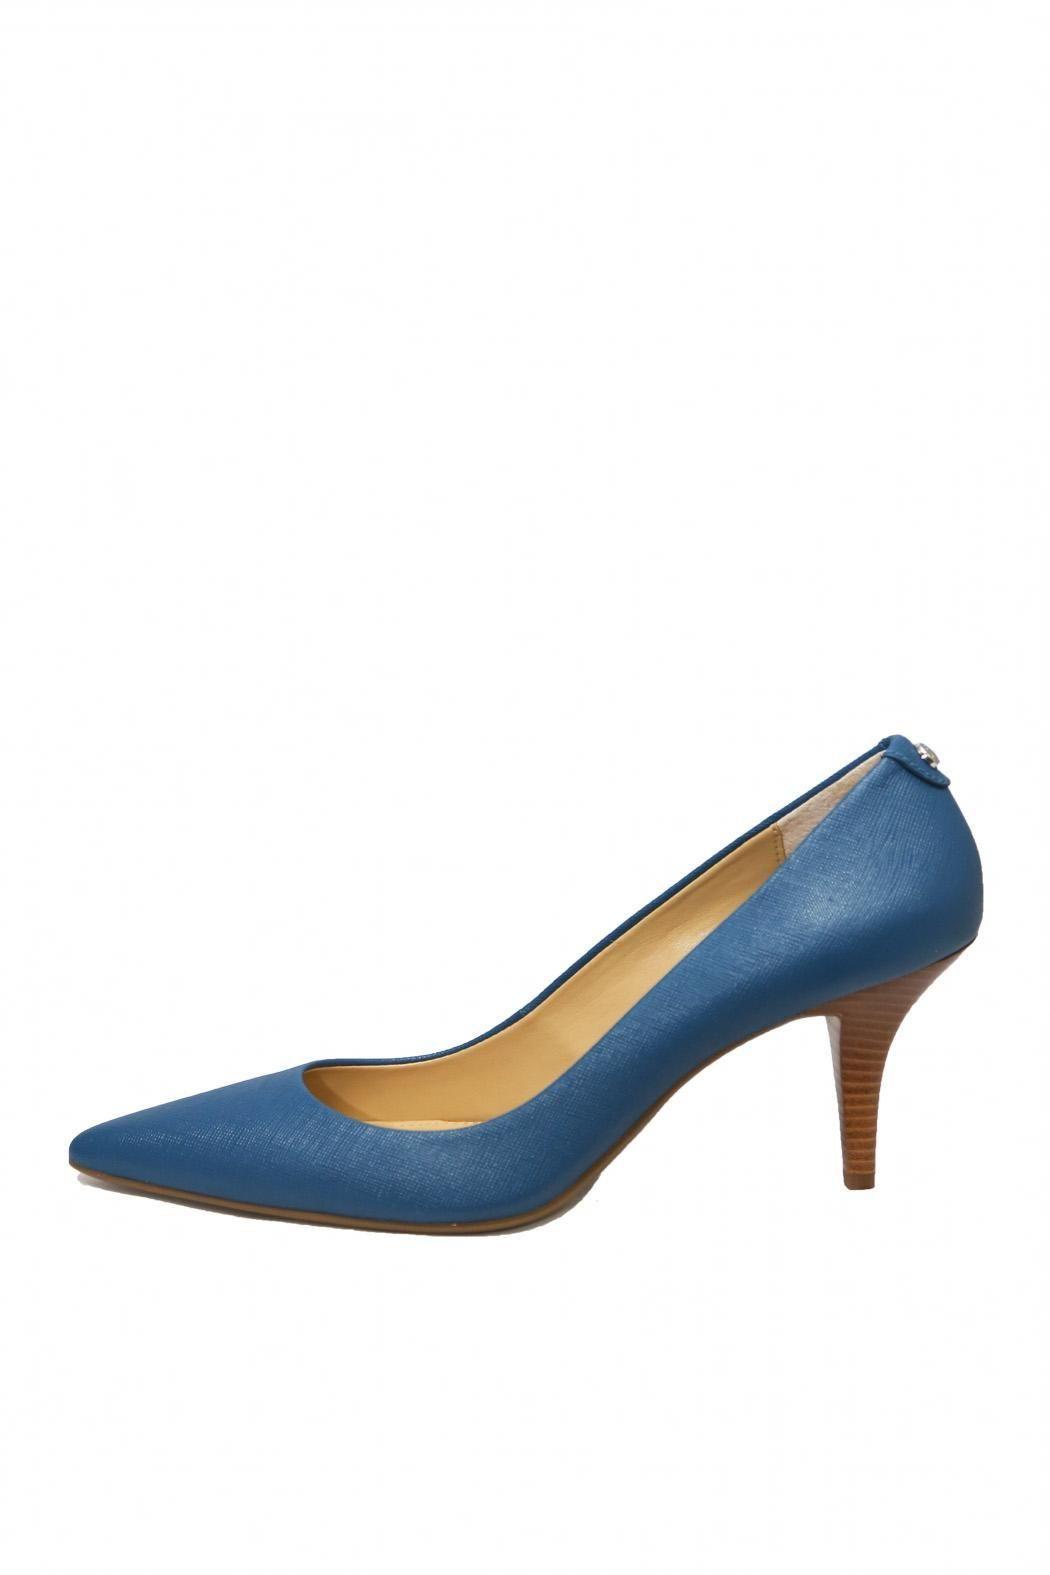 Dressy Mid Pump Heels Shoes Heels Pumps Pumps